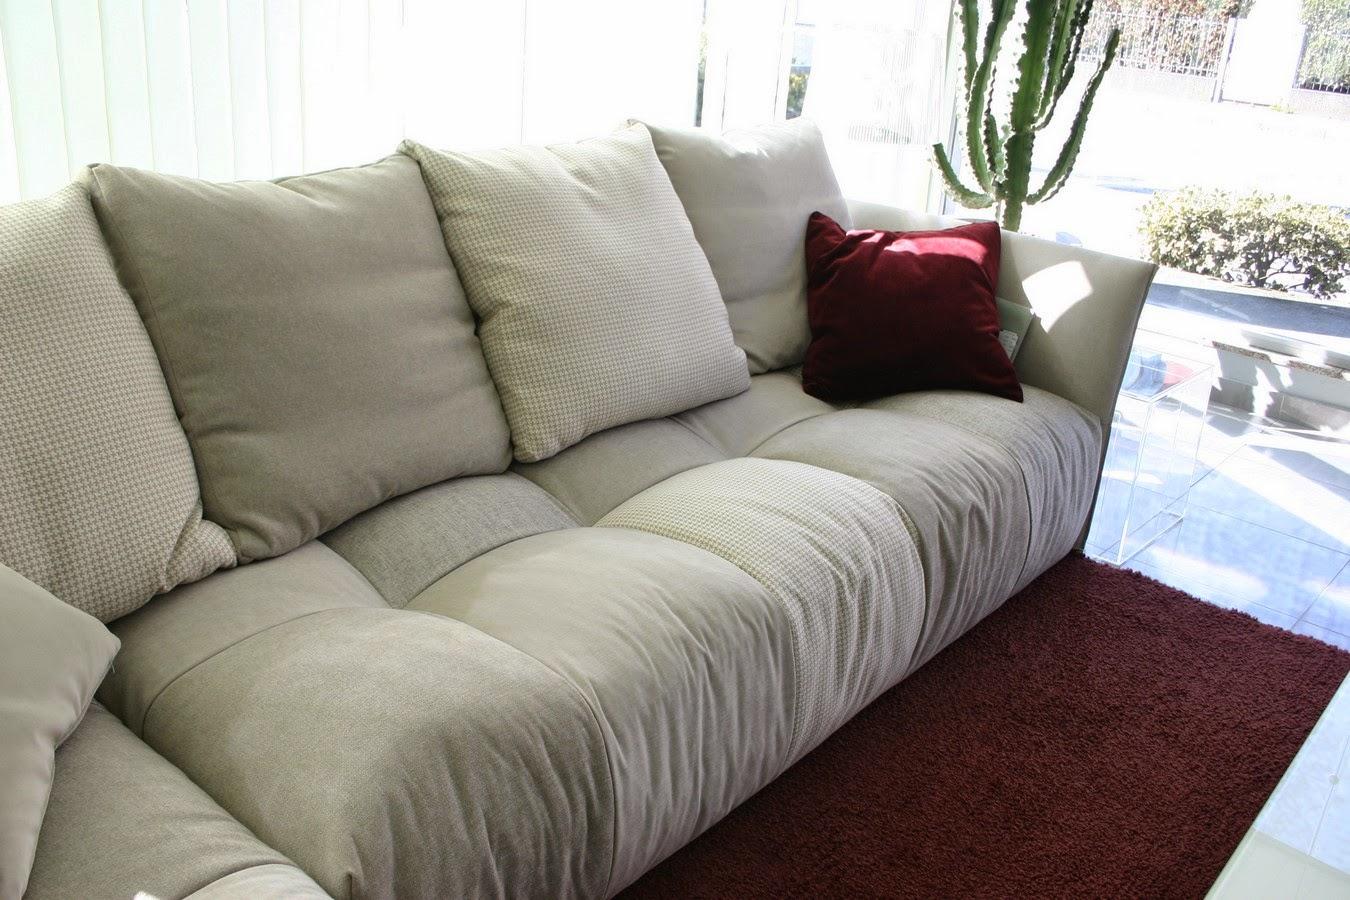 Soggiorni e salotti moderni arredo per la tua casa - Prodotti per pulire il divano in tessuto ...